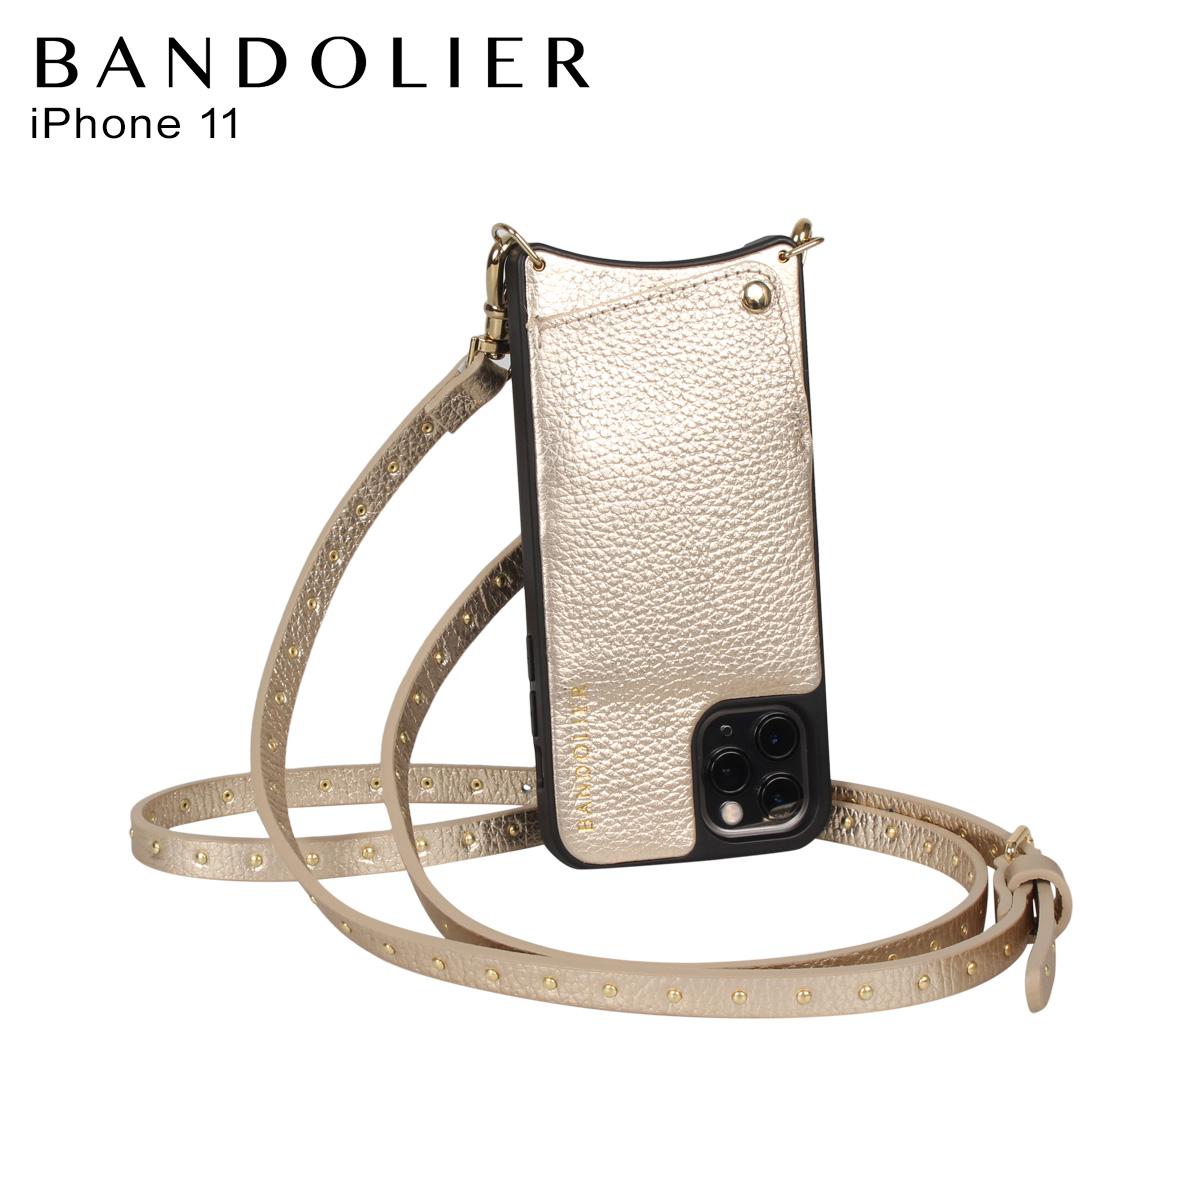 BANDOLIER バンドリヤー iPhone11 ケース スマホ 携帯 ショルダー アイフォン メンズ レディース レザー NICOLE RICH GOLD ゴールド 10NIC